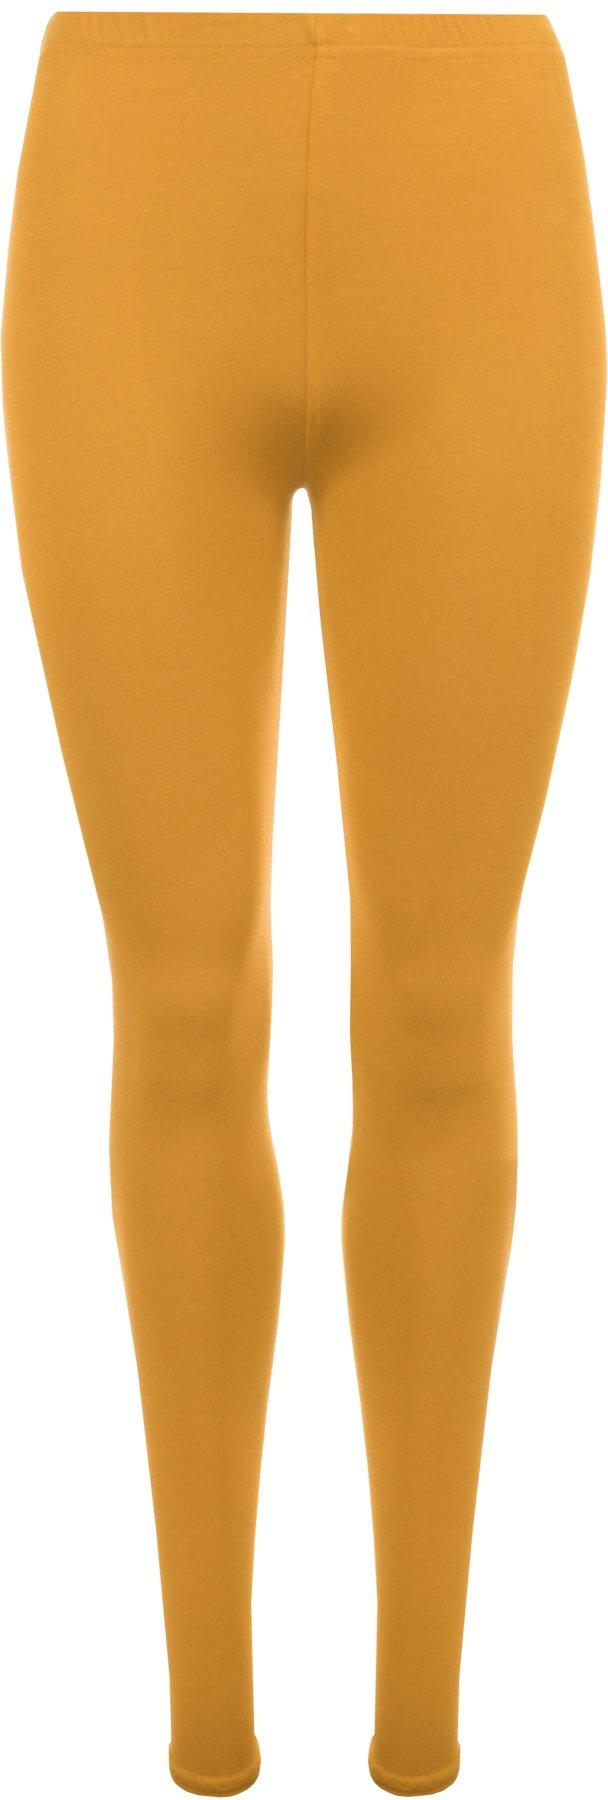 WearAll Plus Size Women's Full Length Leggings - Mustard - US 20-22 (UK 24-26)